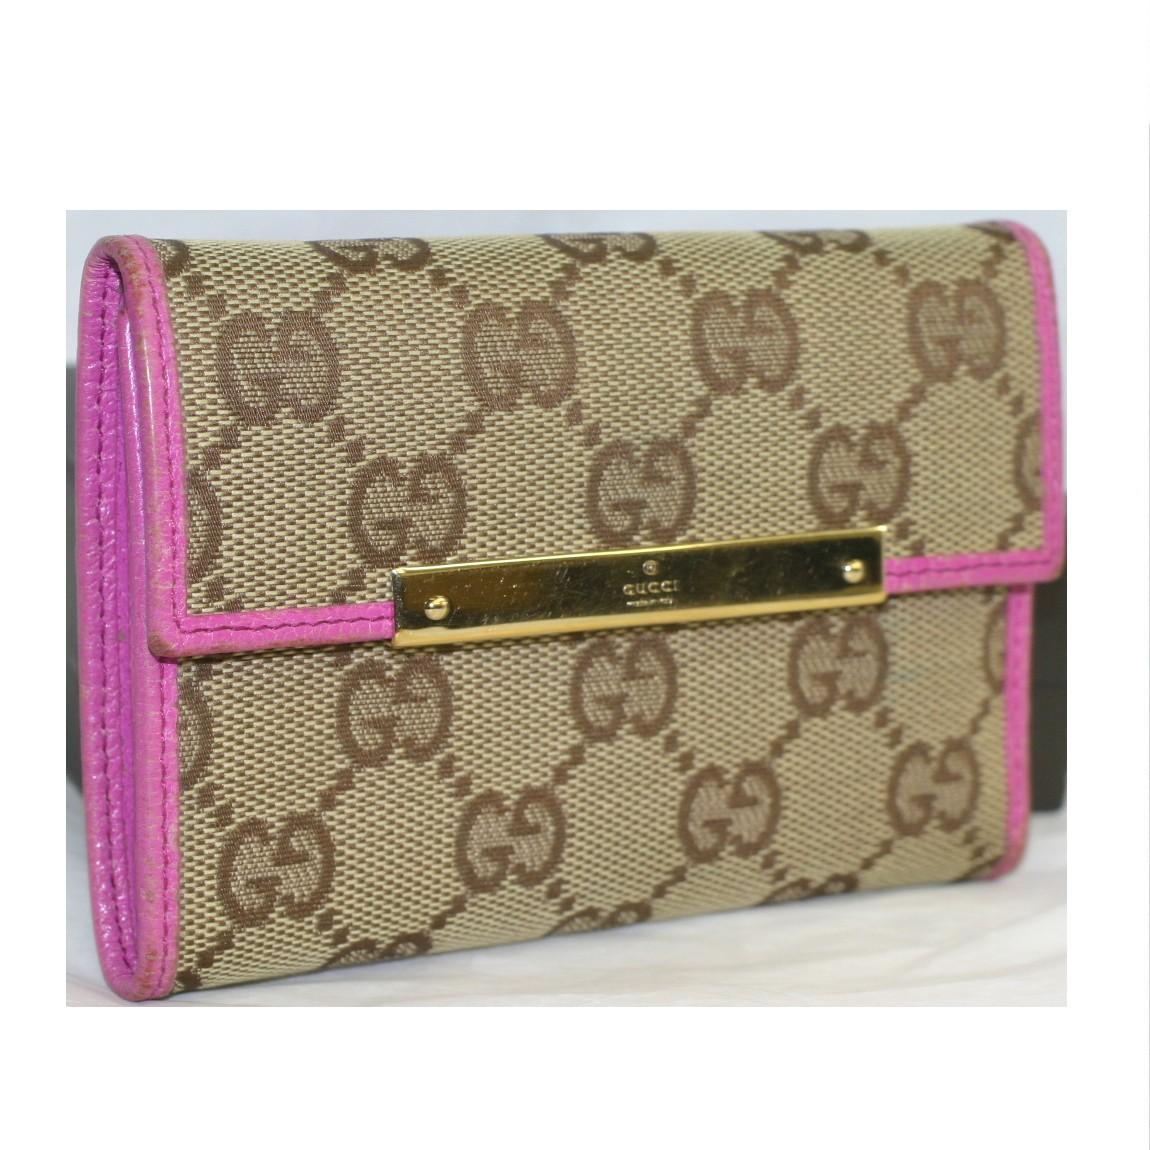 【中古】本物美品グッチ女性用茶GG柄キャンバス素材周囲にピンク色革を使用している3つ折財布 サイズW12H8,8D2,5cm